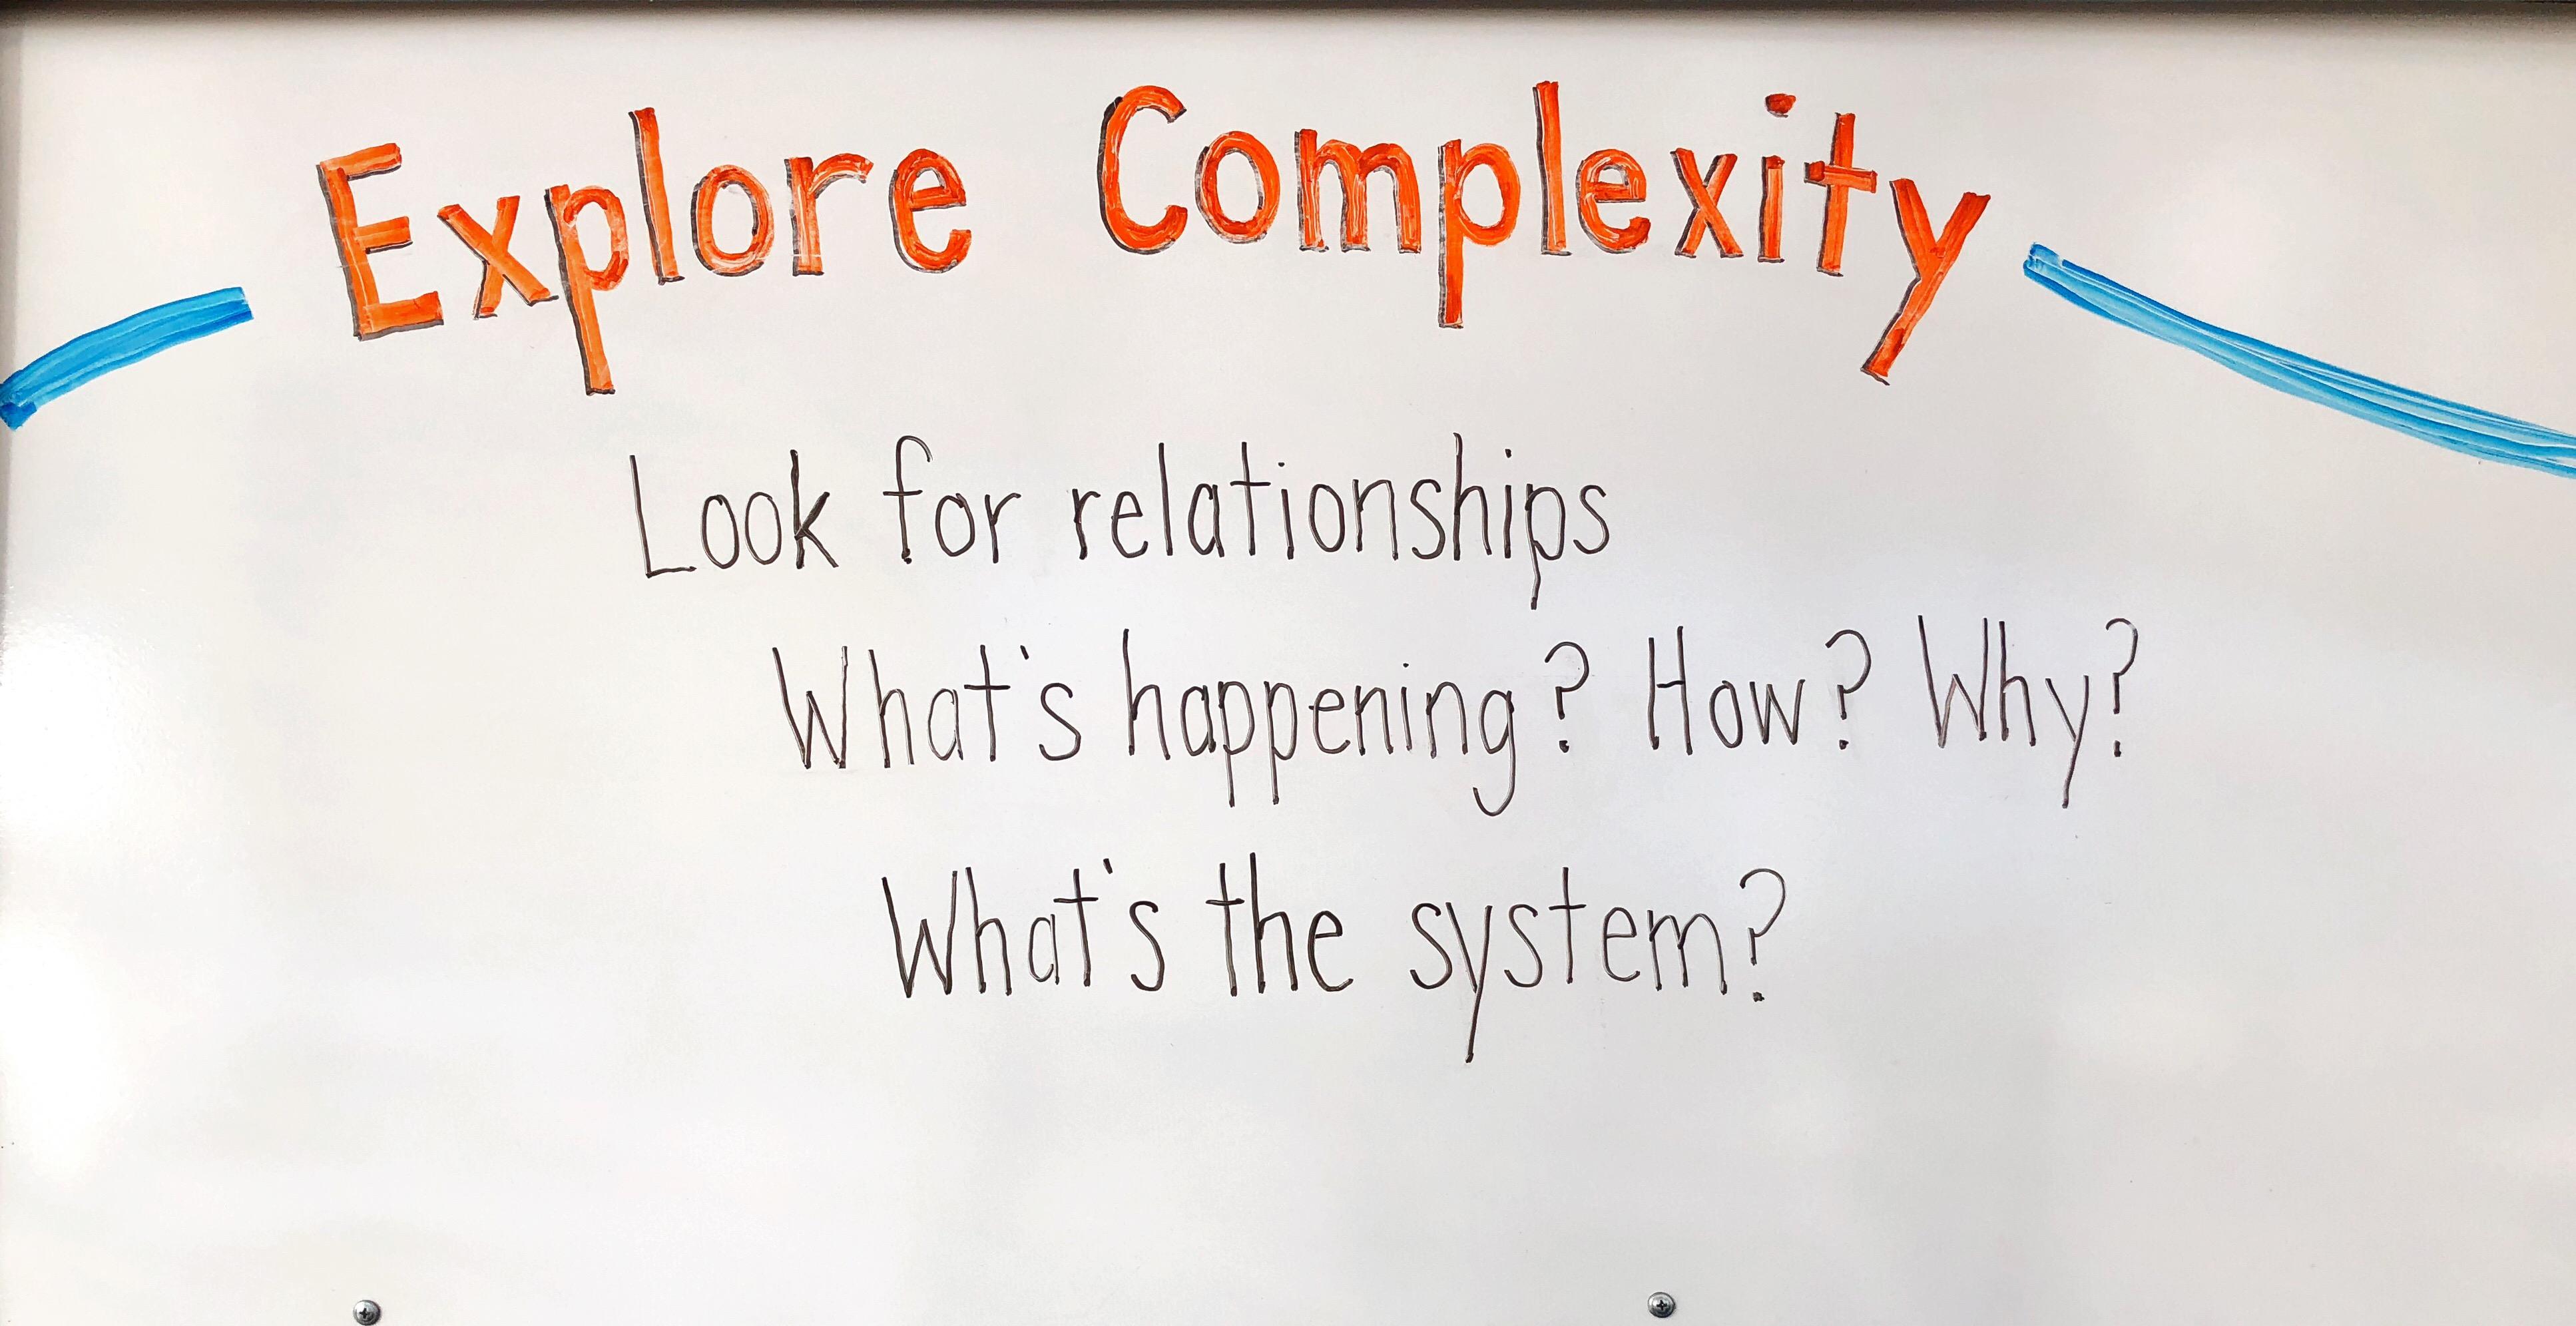 Explore Complexity